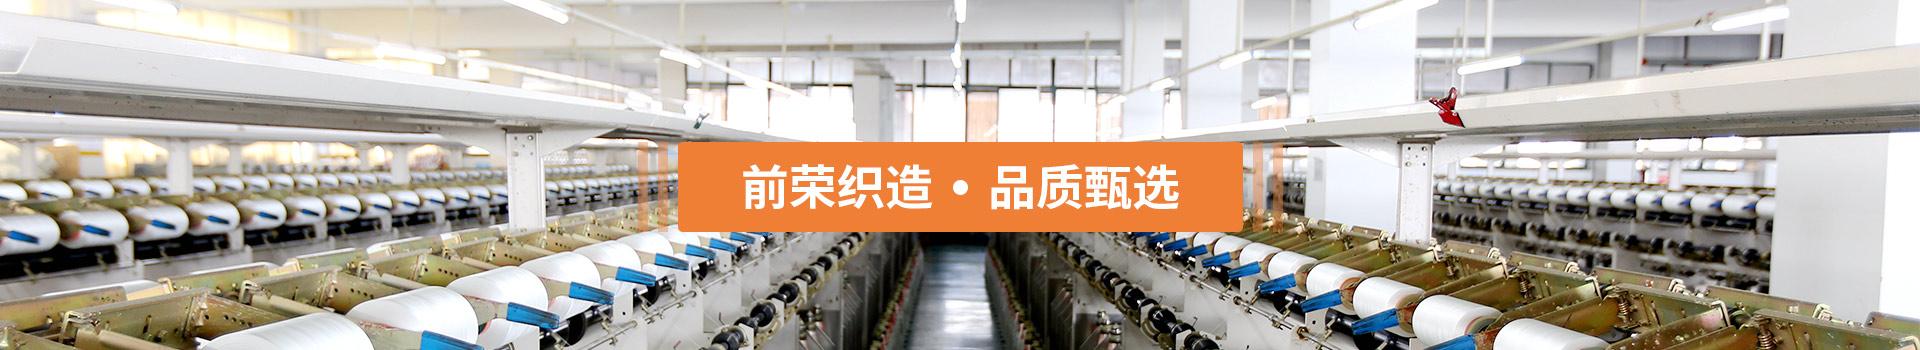 前荣织造品质甄选